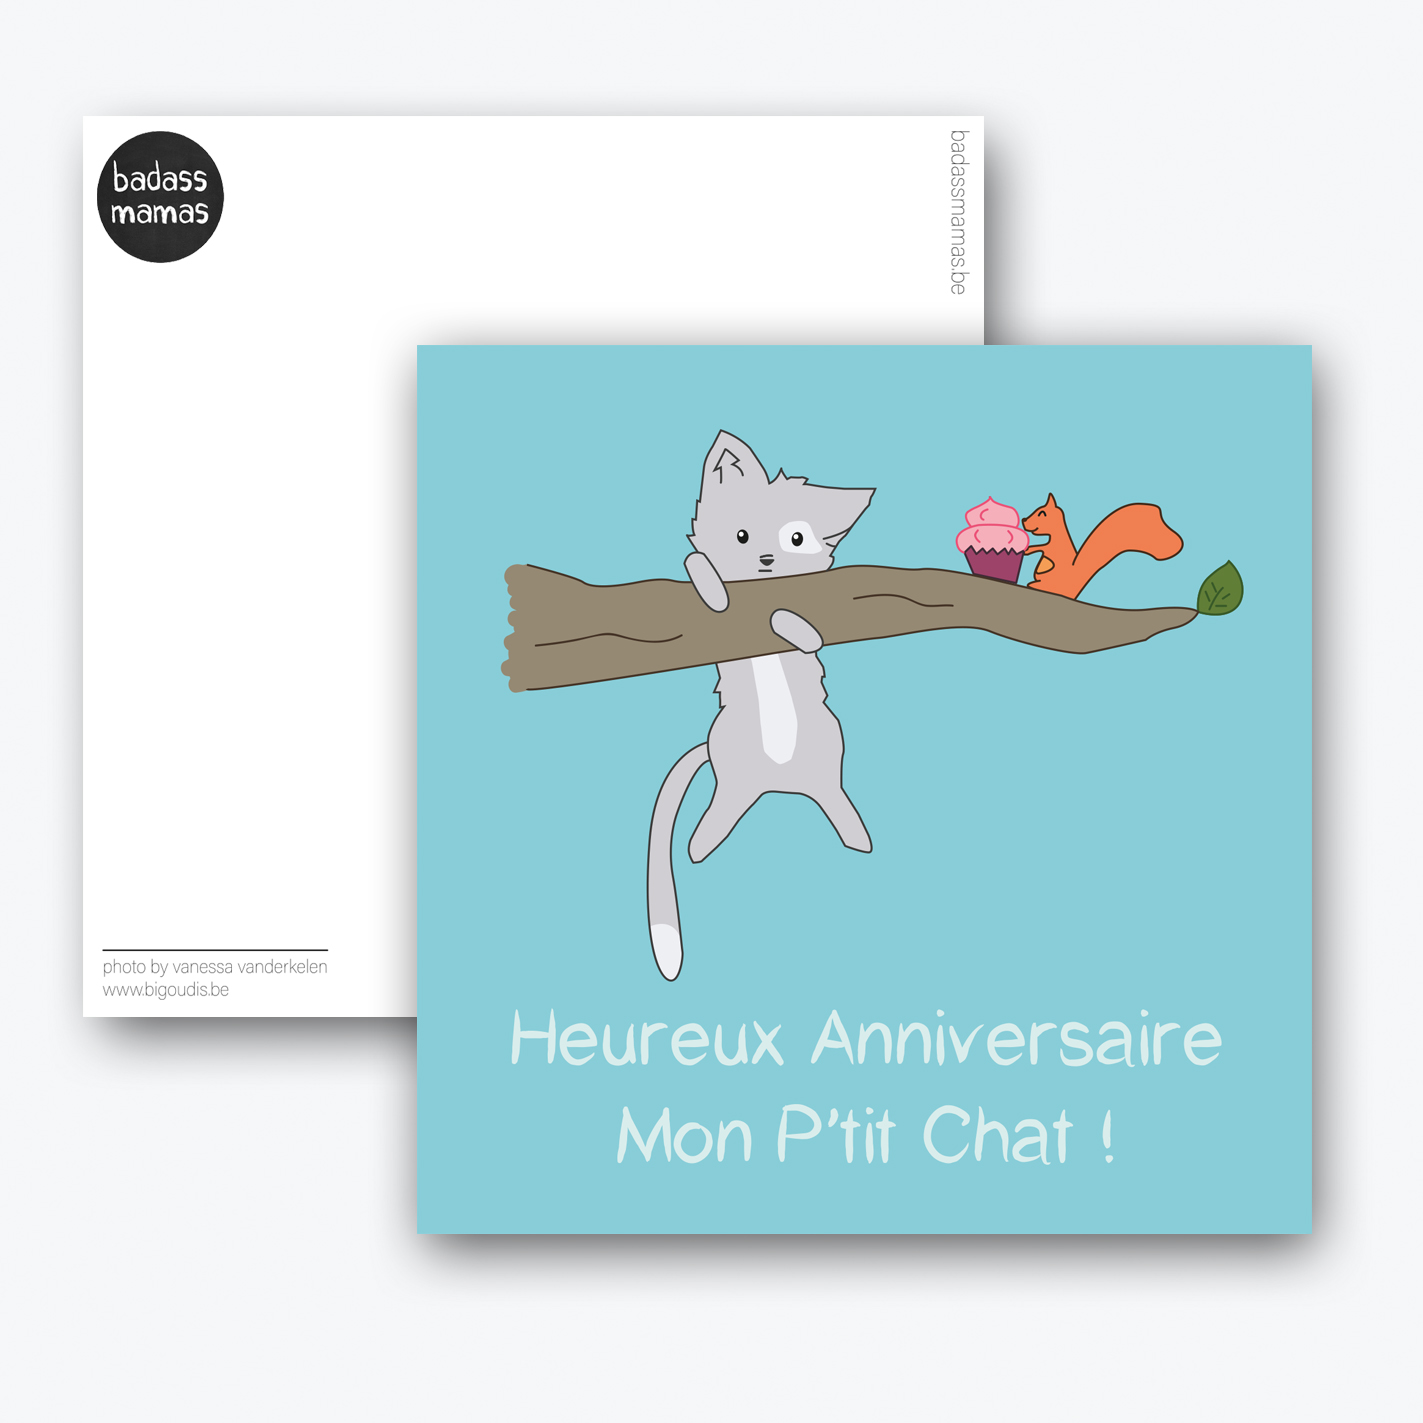 carte postale anniversaire p'tit chat